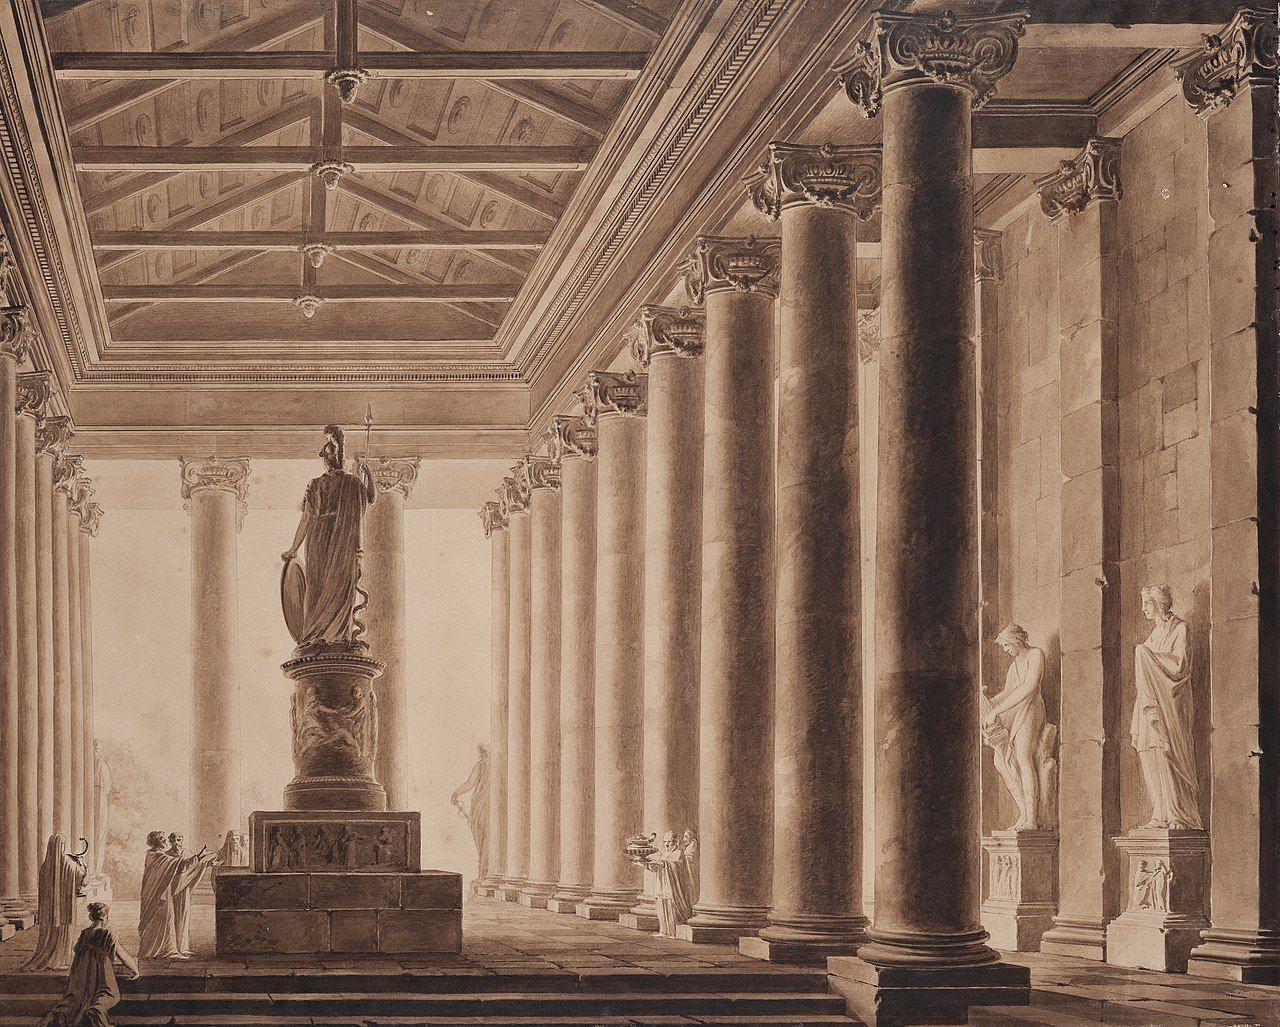 Pintura de Ludvík Kohl en la que se retrata el interior del Partenón el templo más importante dedicado a la diosa Atenea.